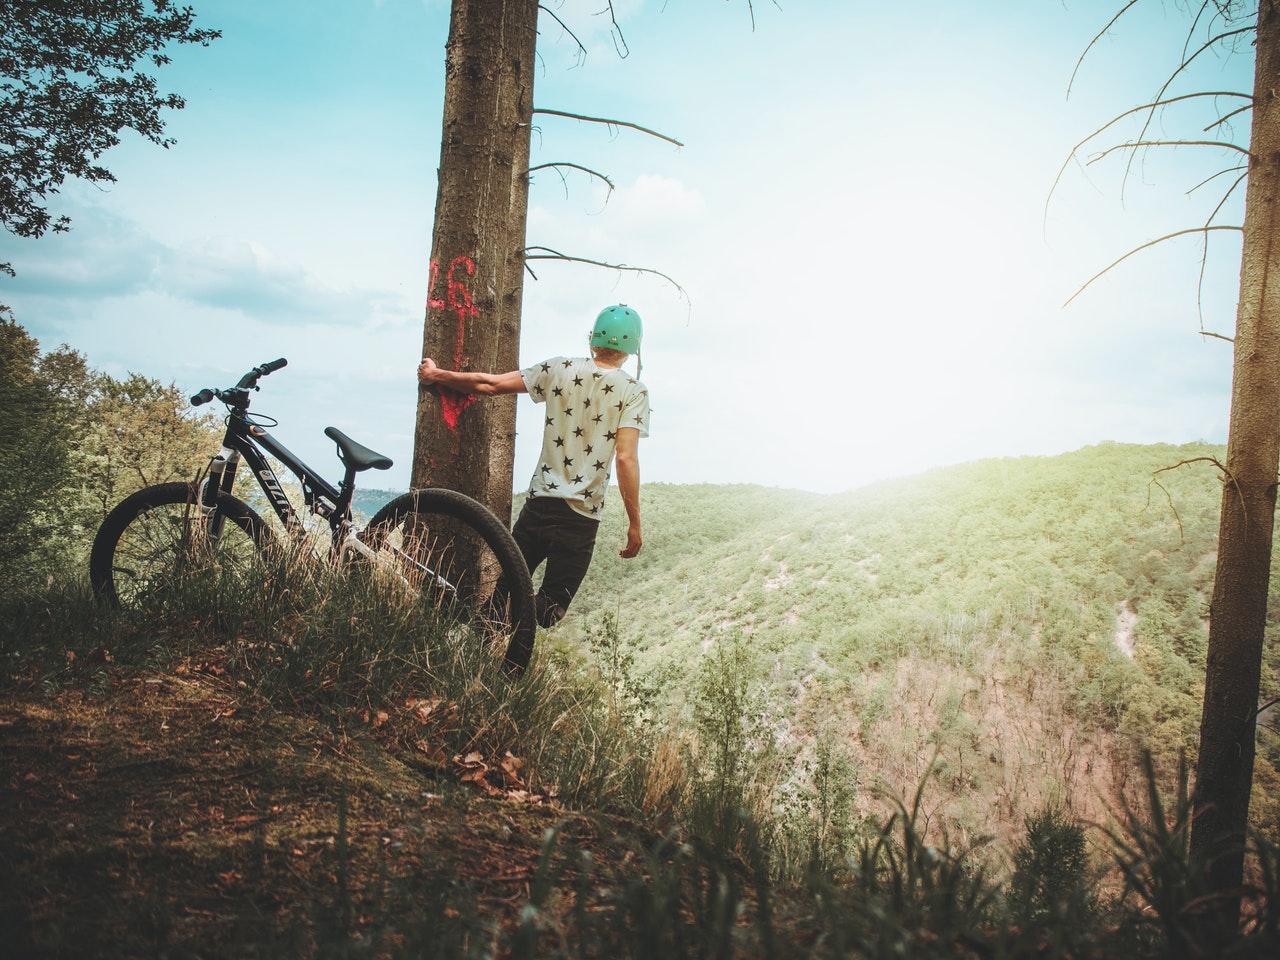 paesaggio di montagna con ragazzo in bici